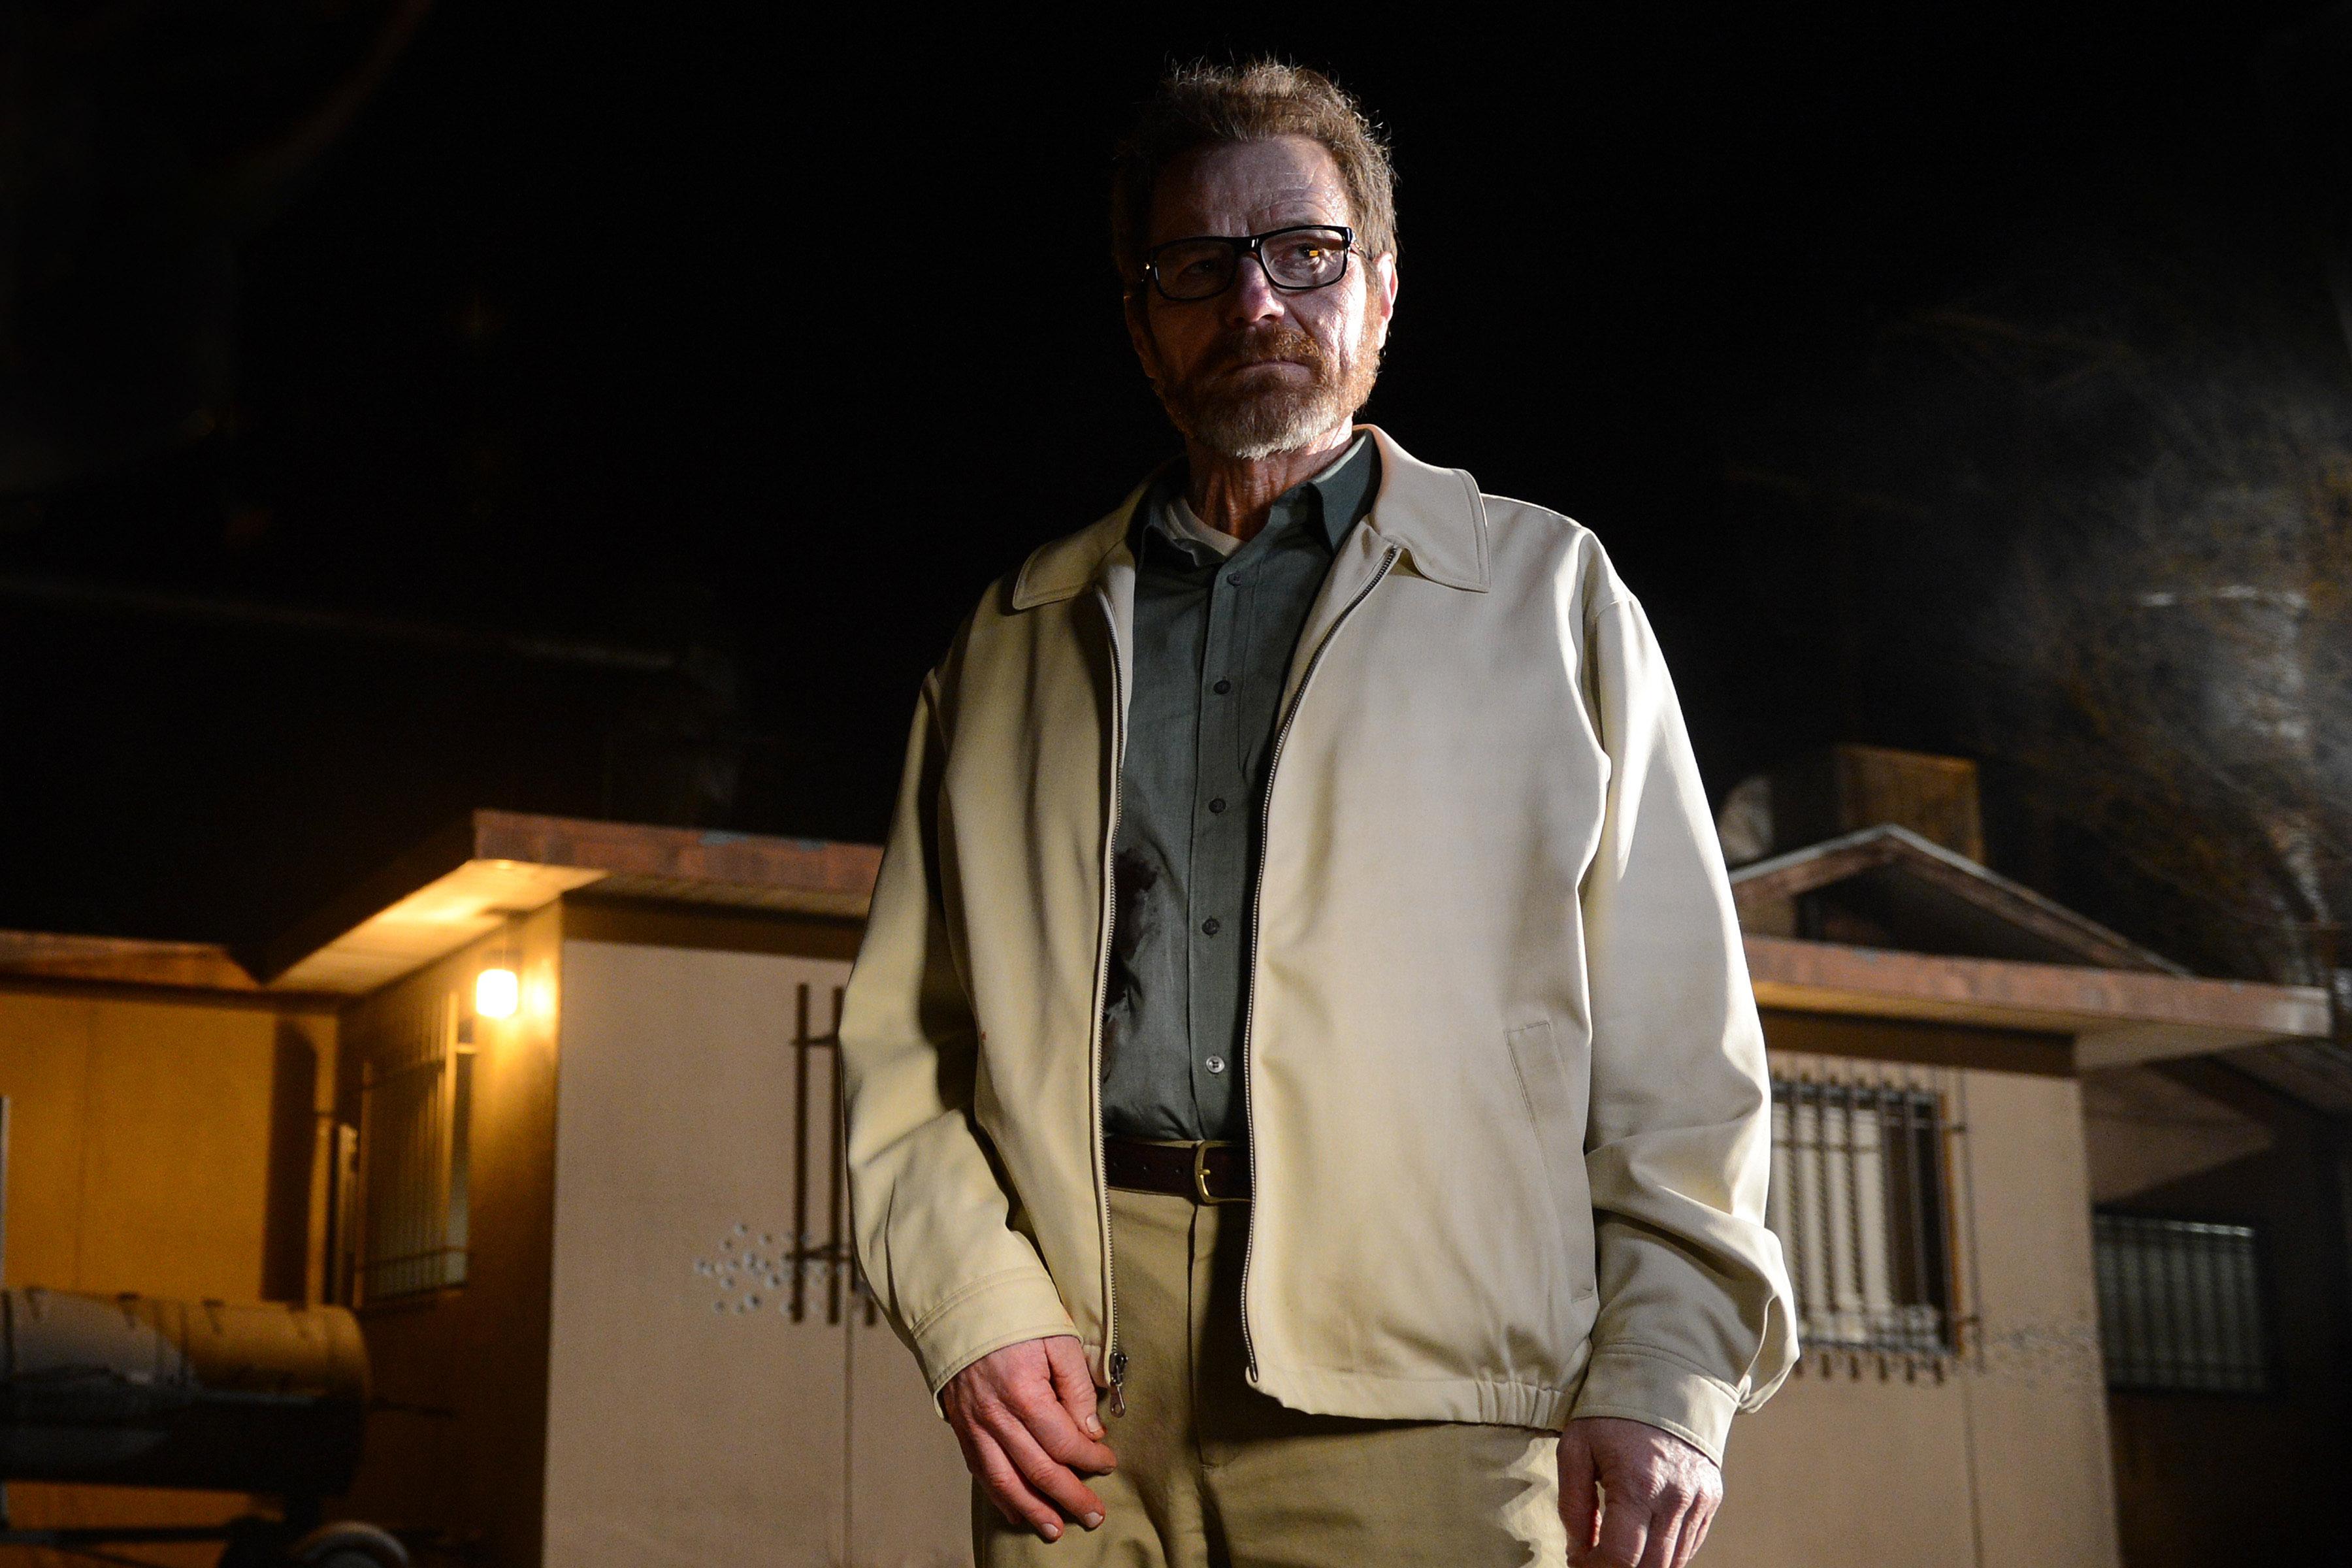 Bryan Cranston as Walter White